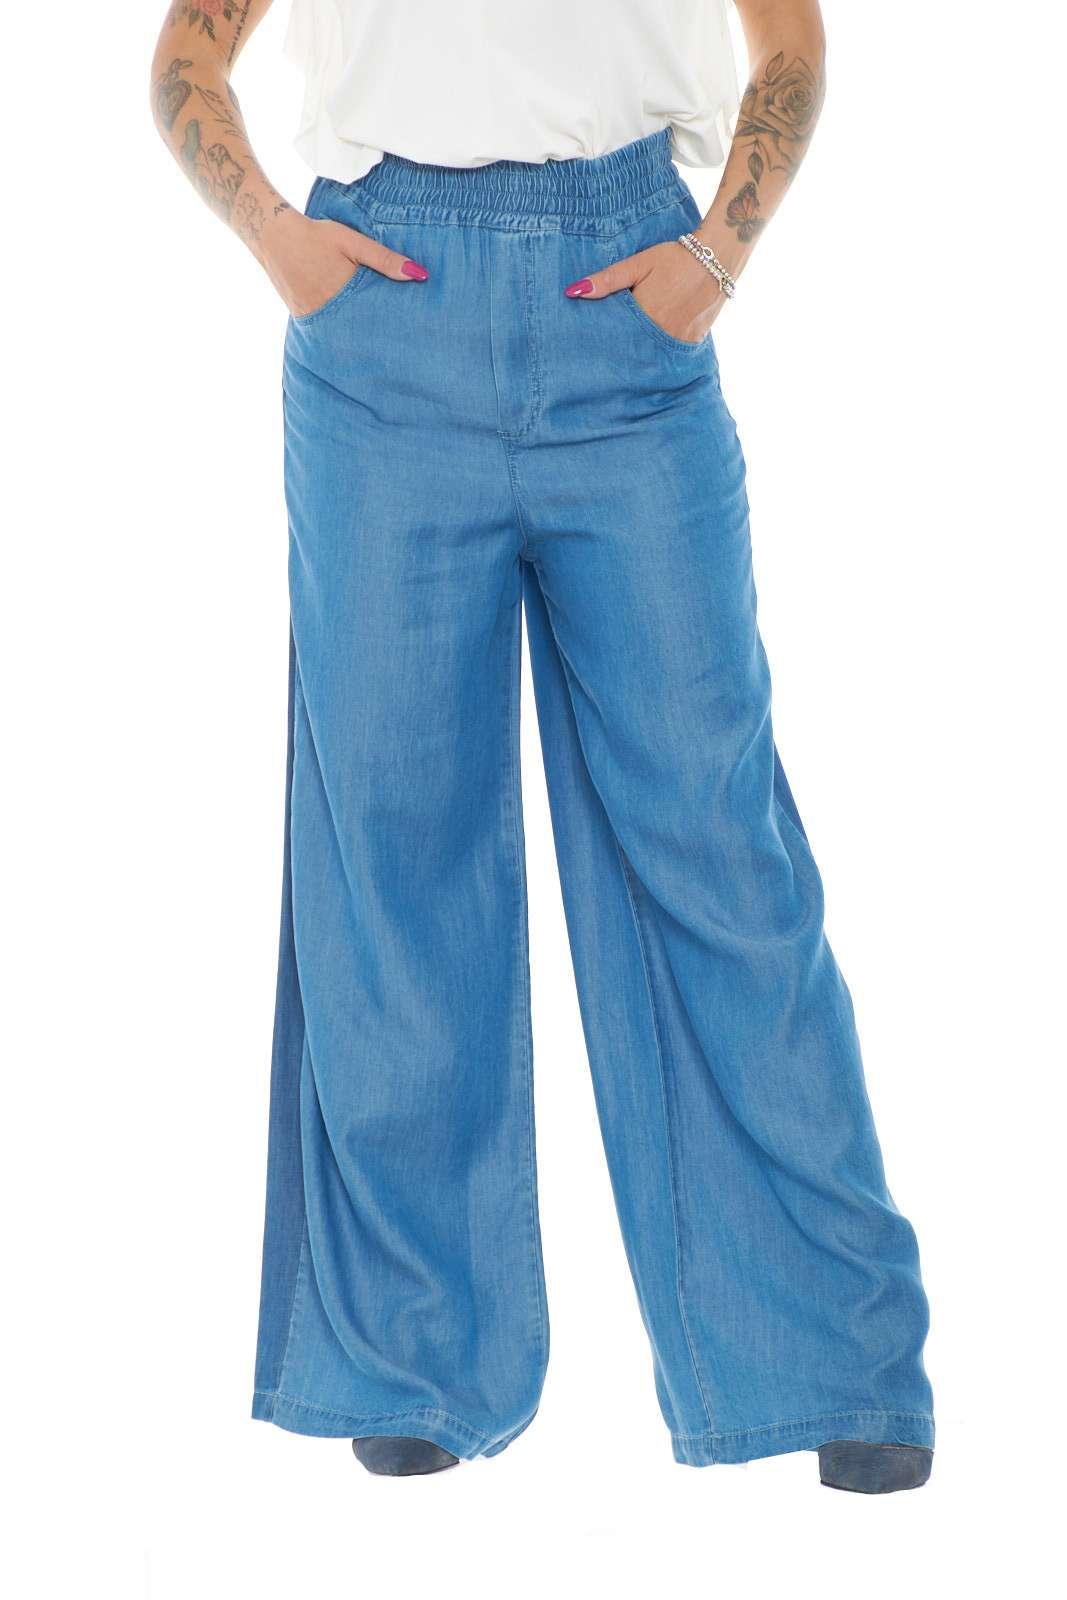 Un pantalone a palazzo trendy e moderno, quello proposto da Semicoutire, per i tuoi look più alla moda. Da abbinare a t shirt o bluse, renderai impeccabili i tuoi outfit più casual. Da sfoggiare anche per party o serate tra amici.